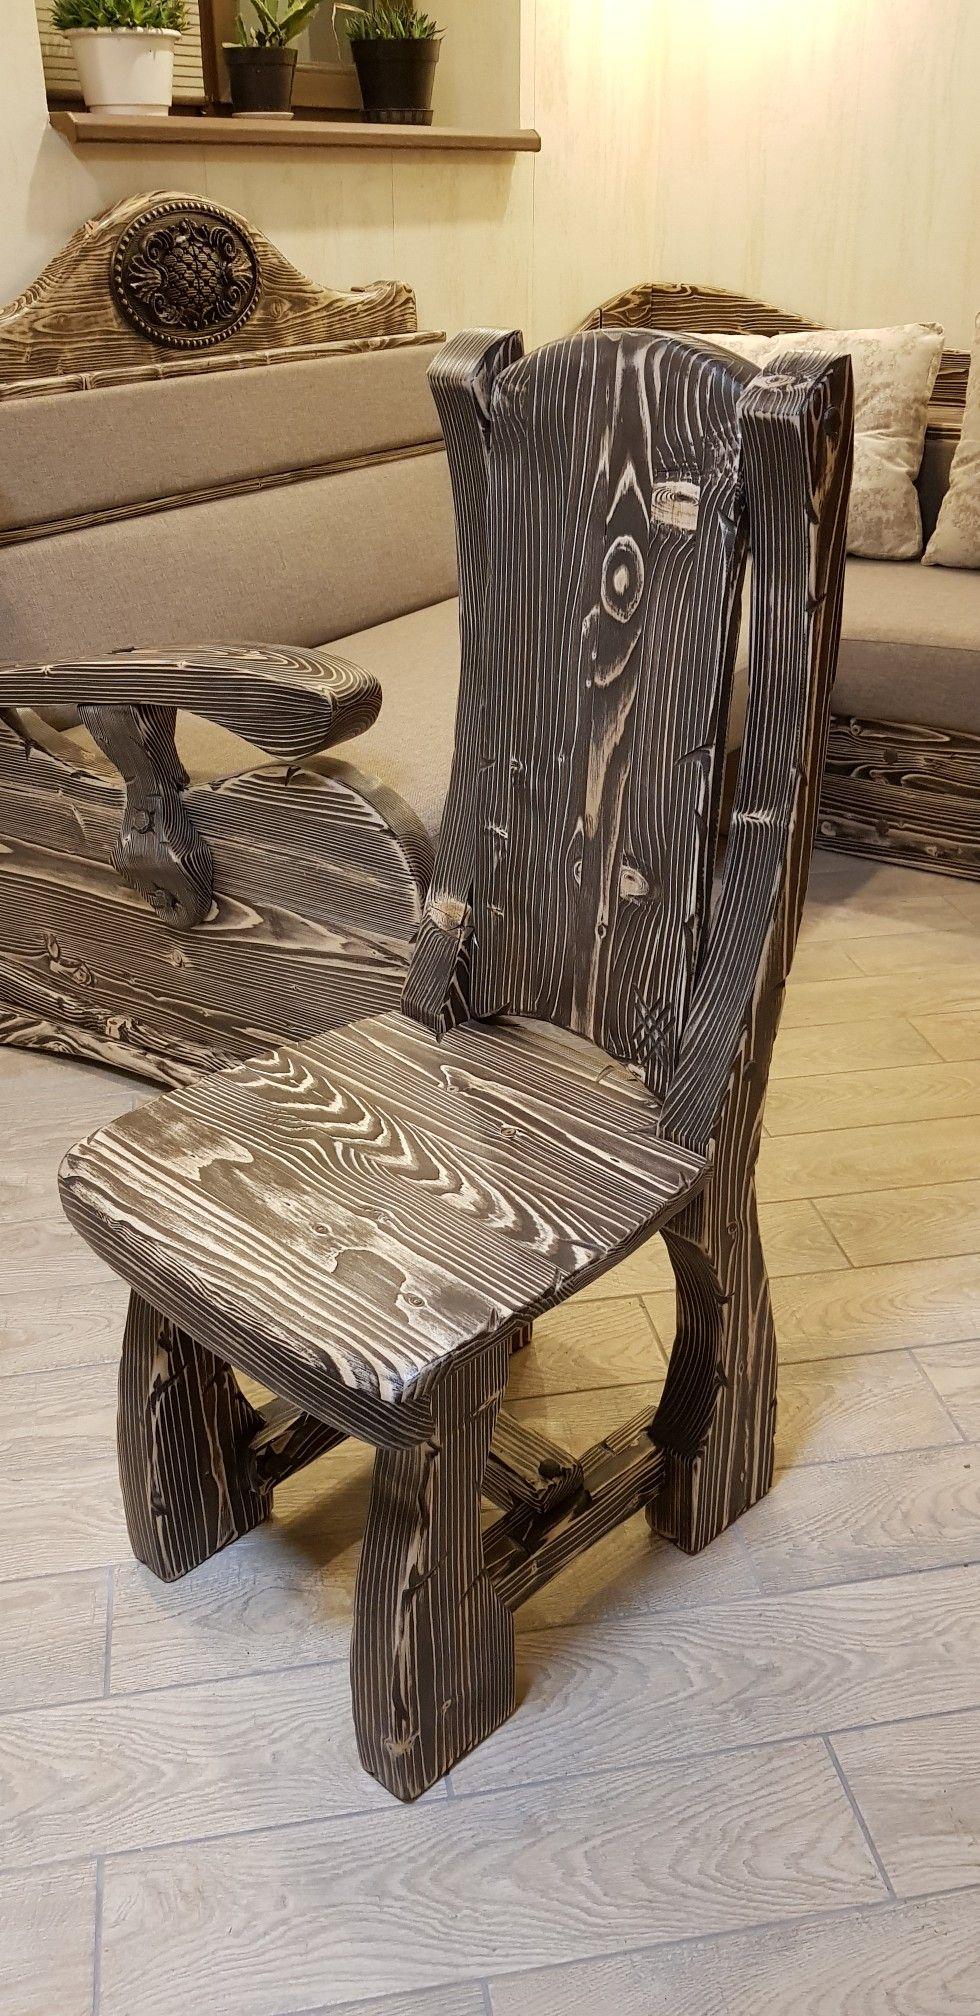 стул из дерева под старину картинки центру лежал самый